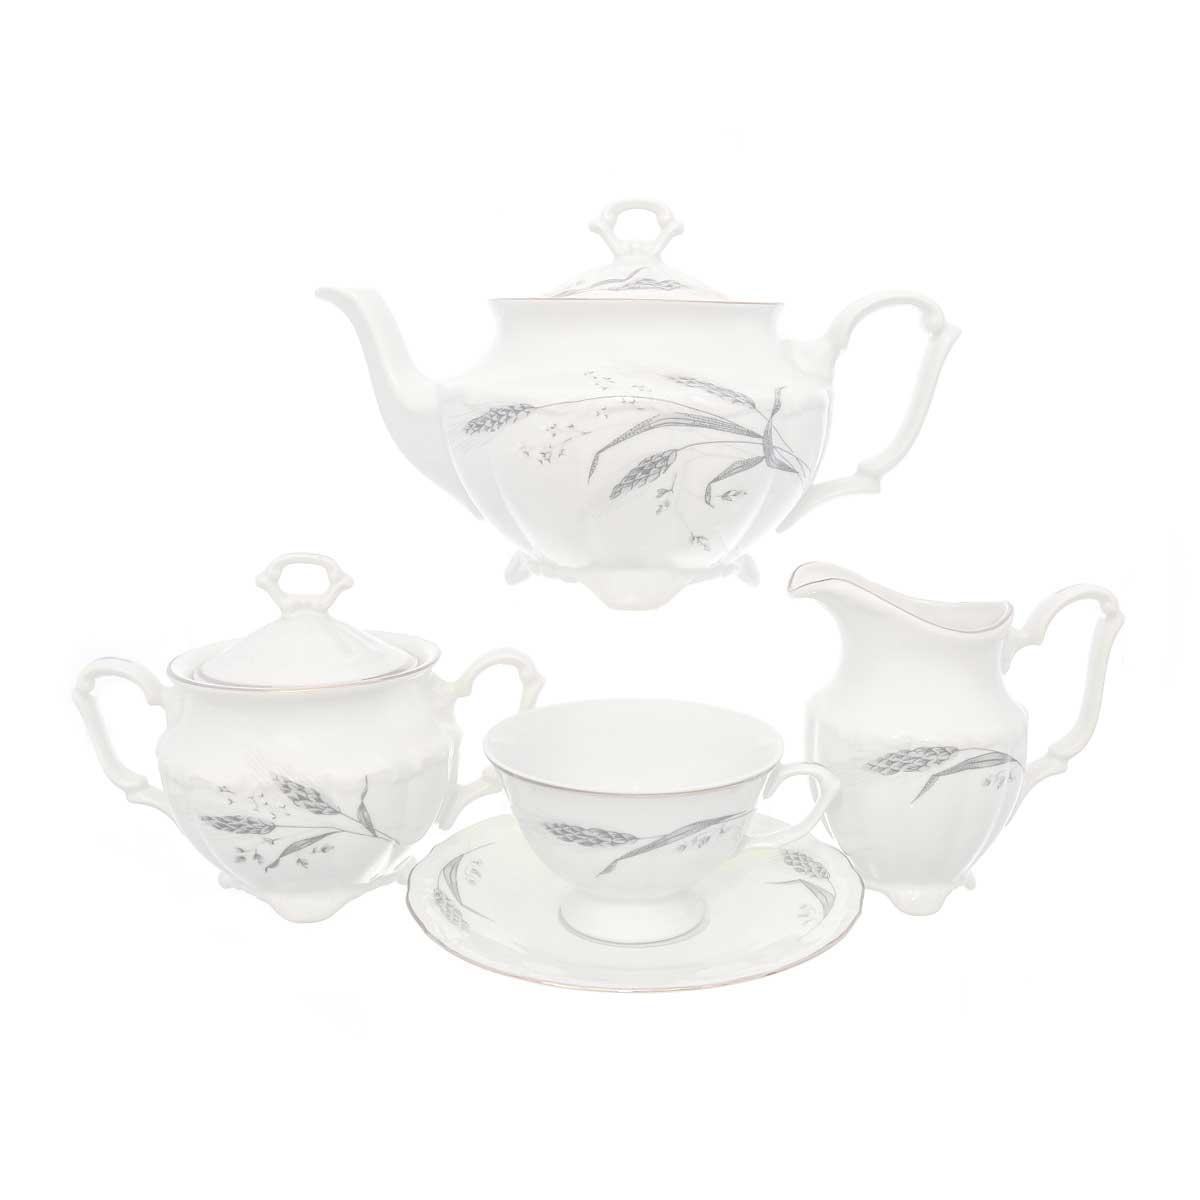 Чайный набор Серебряные колосья Repast классическая чашка (15 предметов на 6 персон)